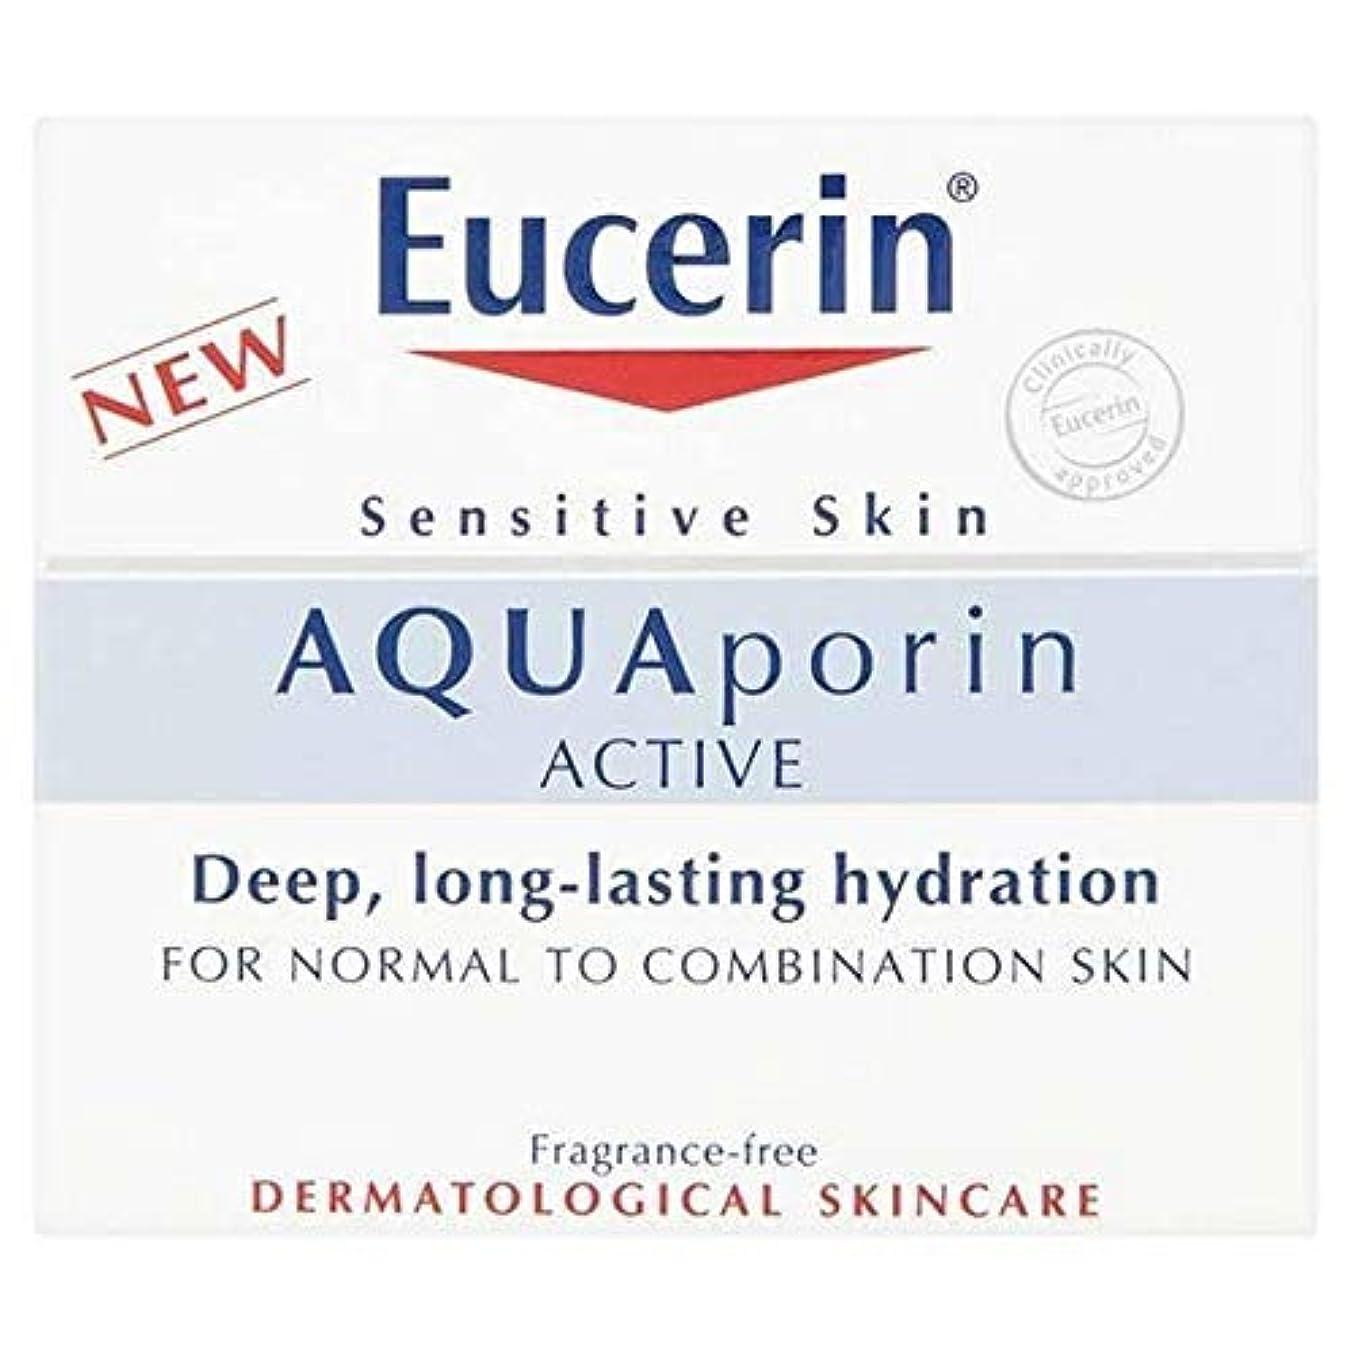 スキッパー歌詞キリスト[Eucerin ] ノーマル/櫛皮膚50ミリリットルのためのユーセリンアクアポリンアクティブ水和 - Eucerin Aquaporin Active Hydration for Normal/Comb Skin 50ml...